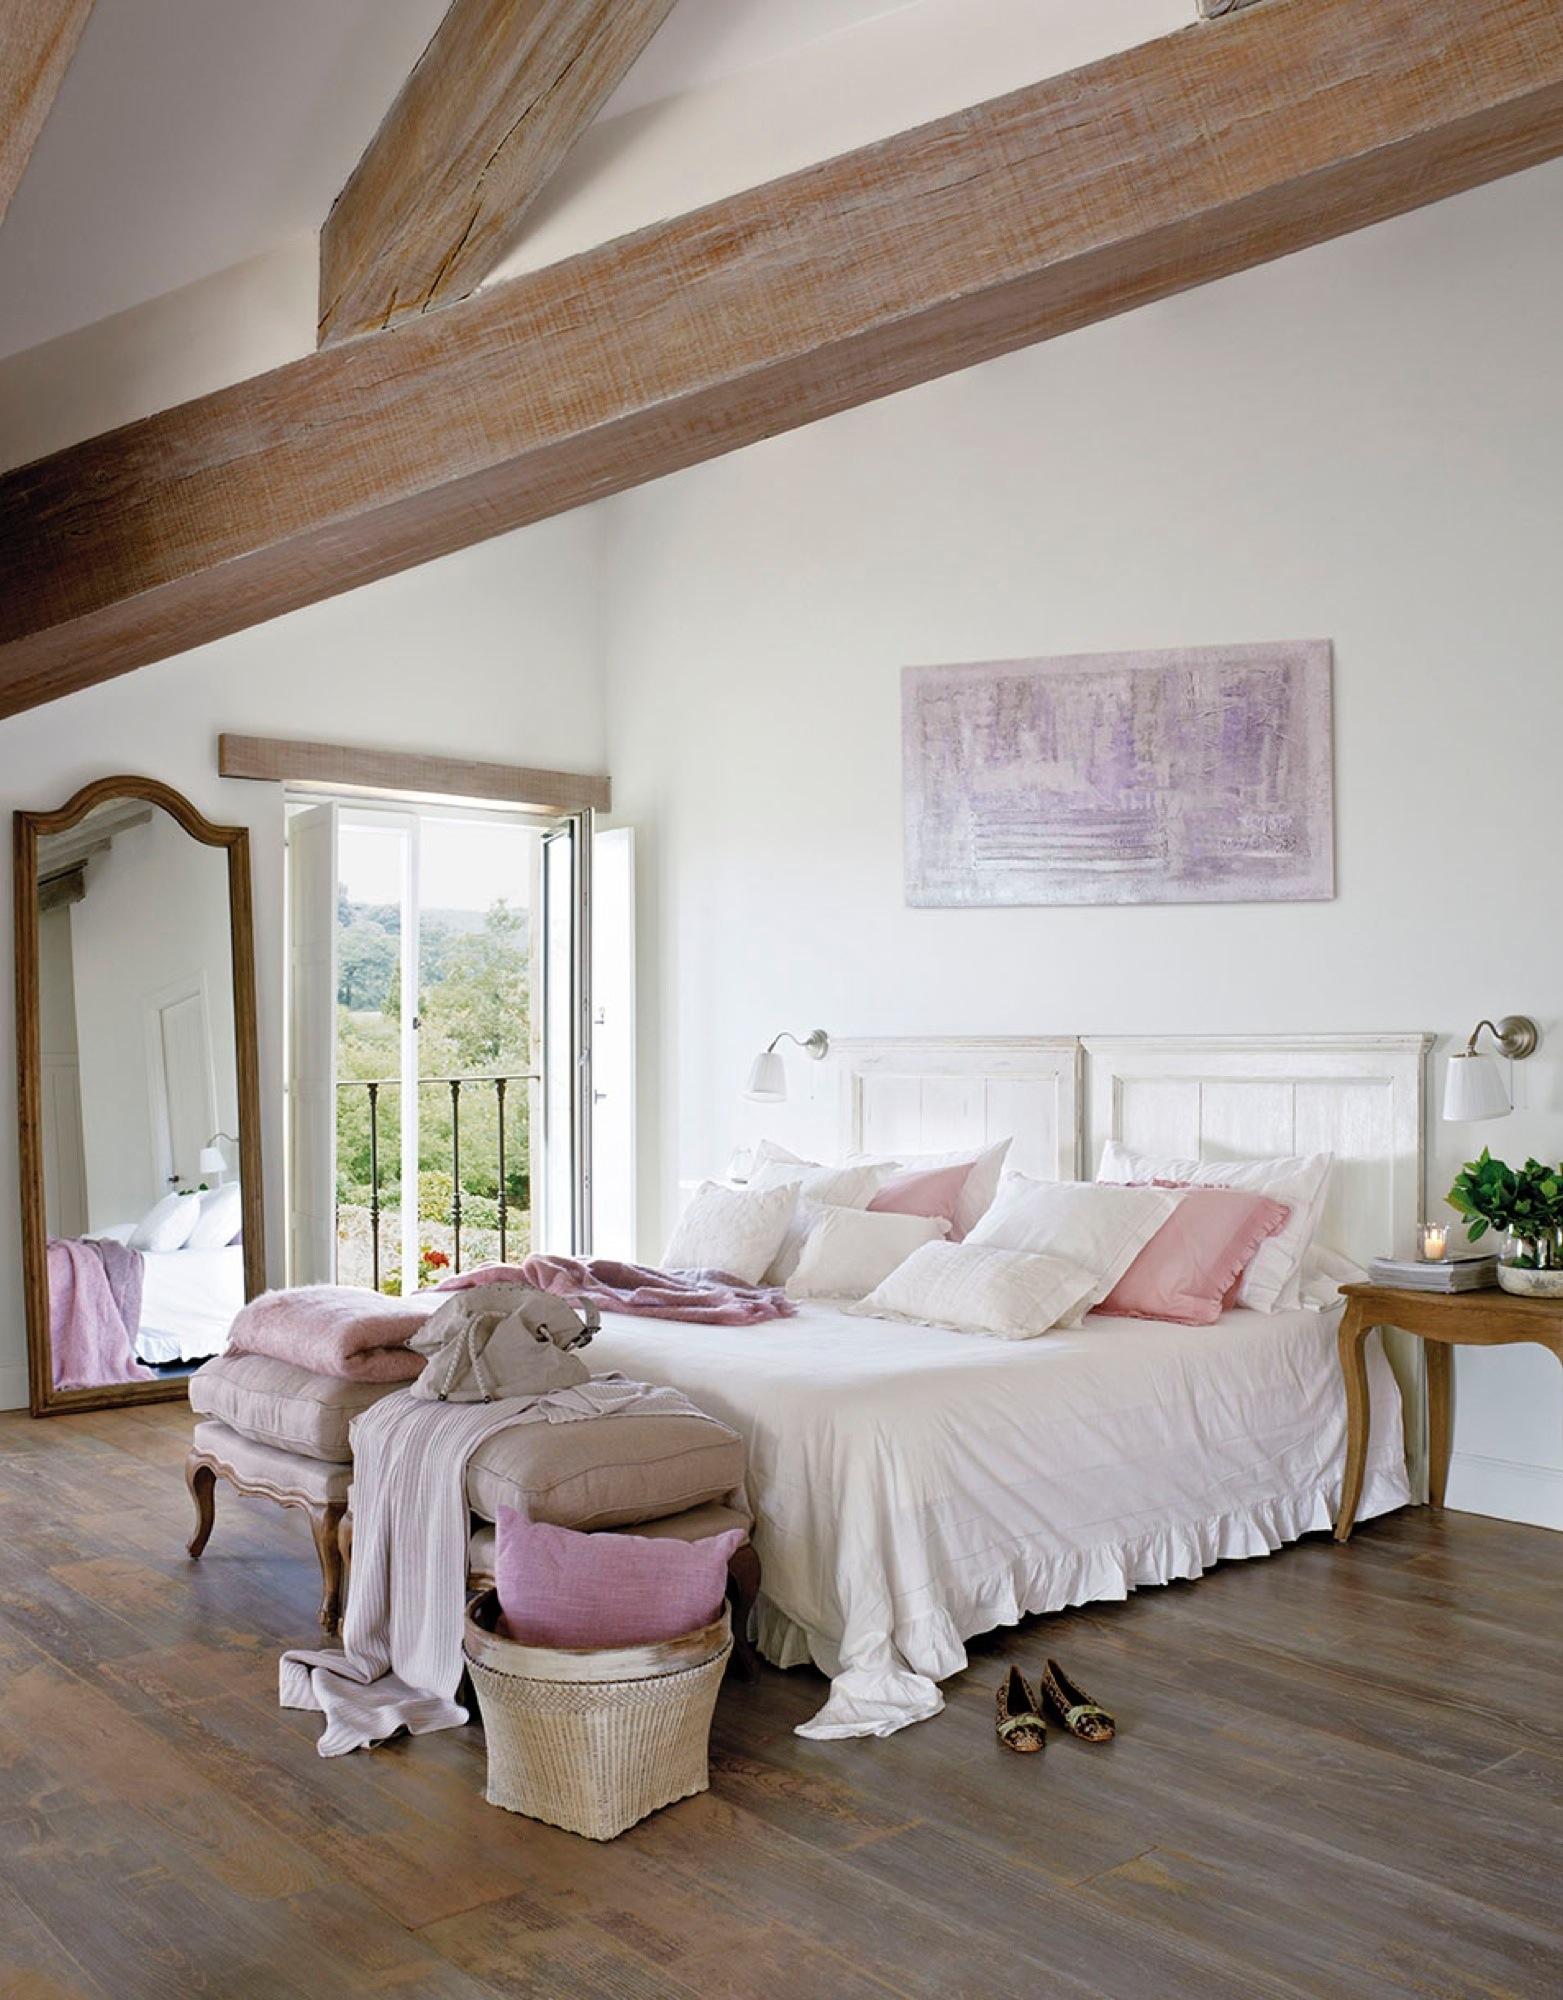 20 dormitorios r sticos con mucho encanto - Decoracion dormitorios rusticos ...